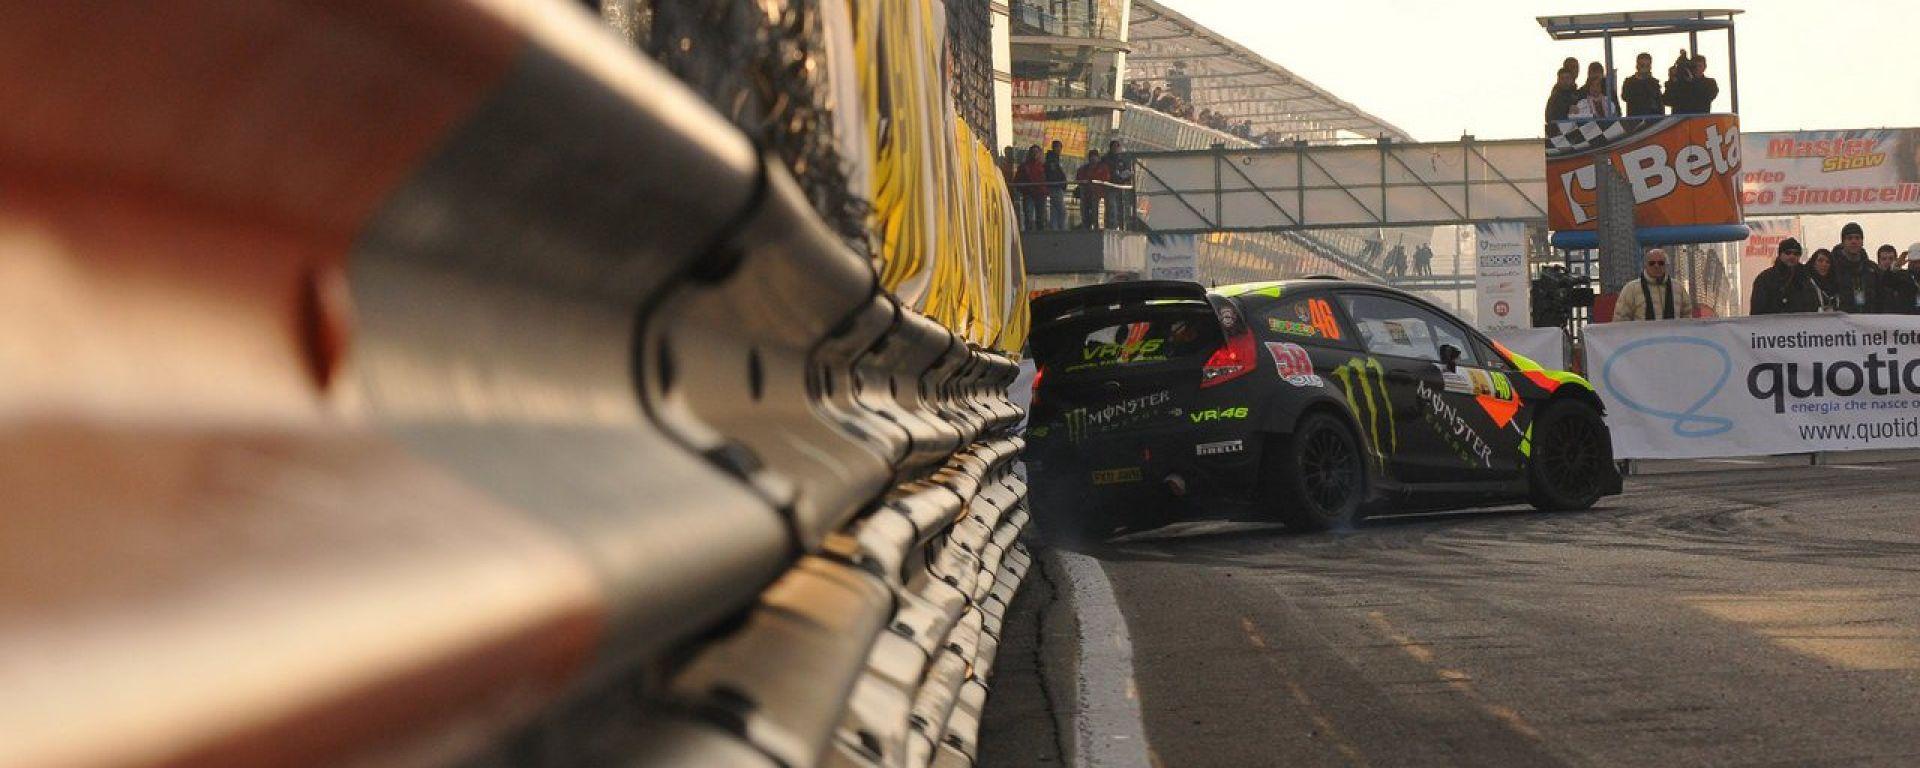 Valentino Rossi in versione rallyman